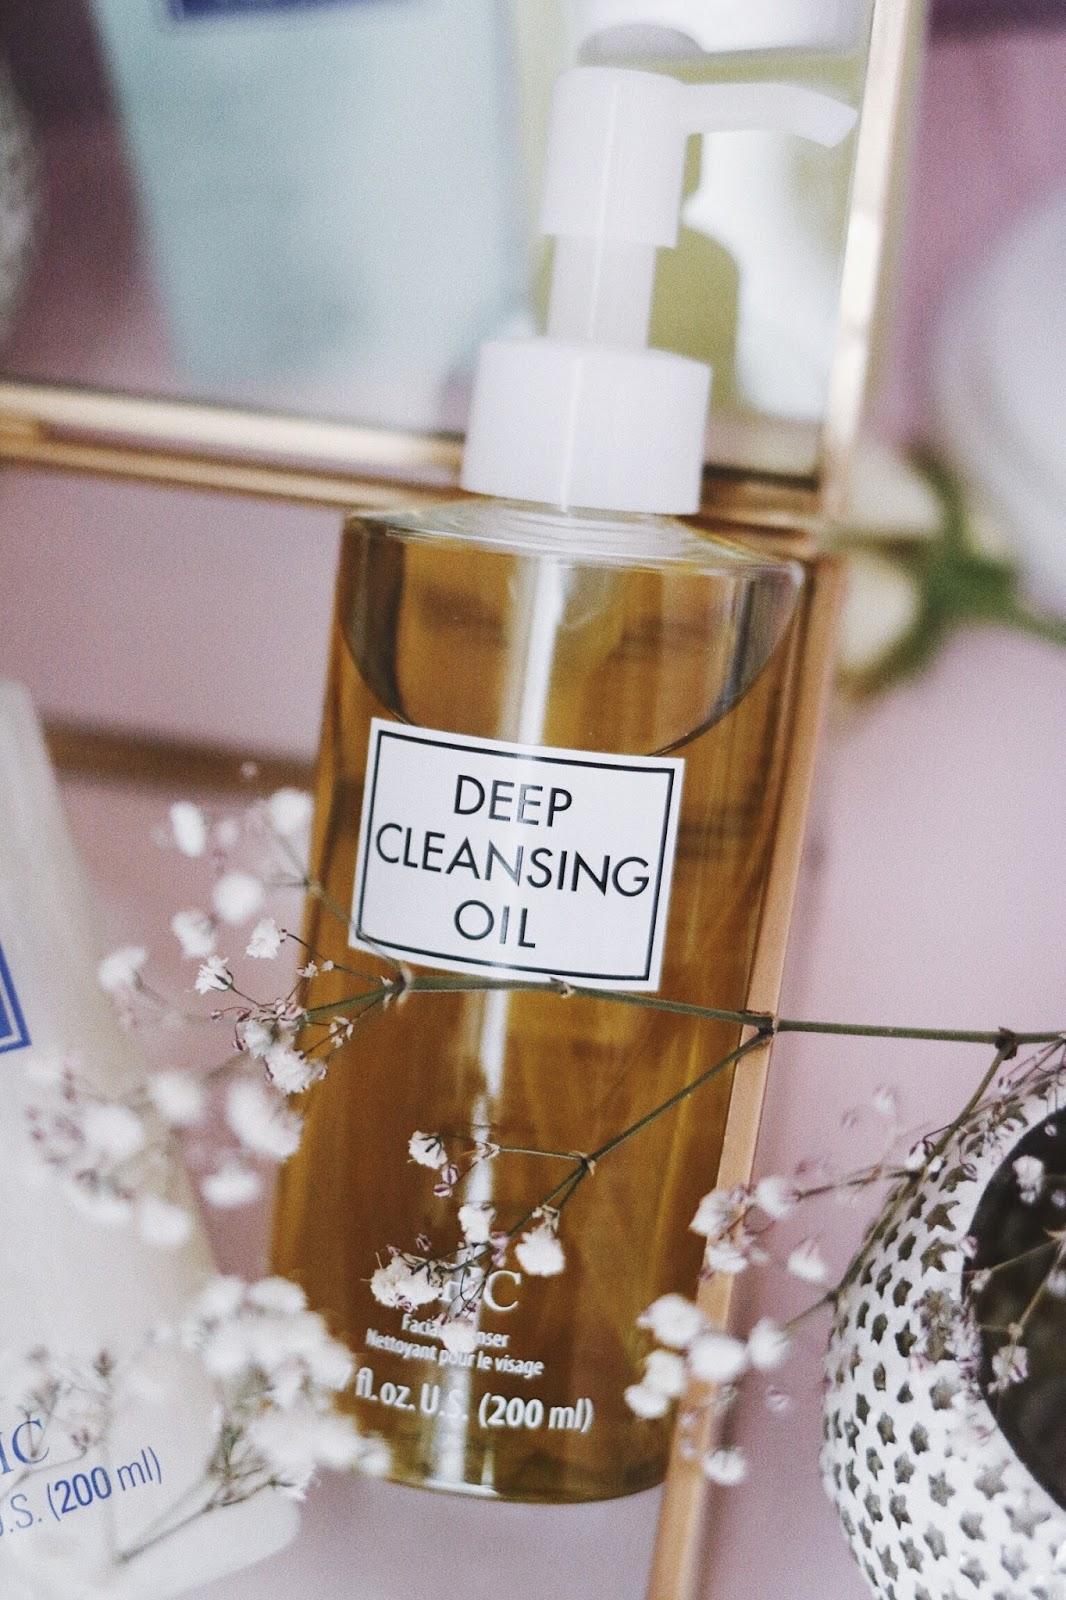 DCH , Double Wash , Deep Cleansing Oil , Face Wash , Agence Spirale , DCH FRANCE , huile d'olive , bio, soins visages bio, rituel japonais , blog beauté , revue , avis , rosemademoiselle , rose mademoiselle ,